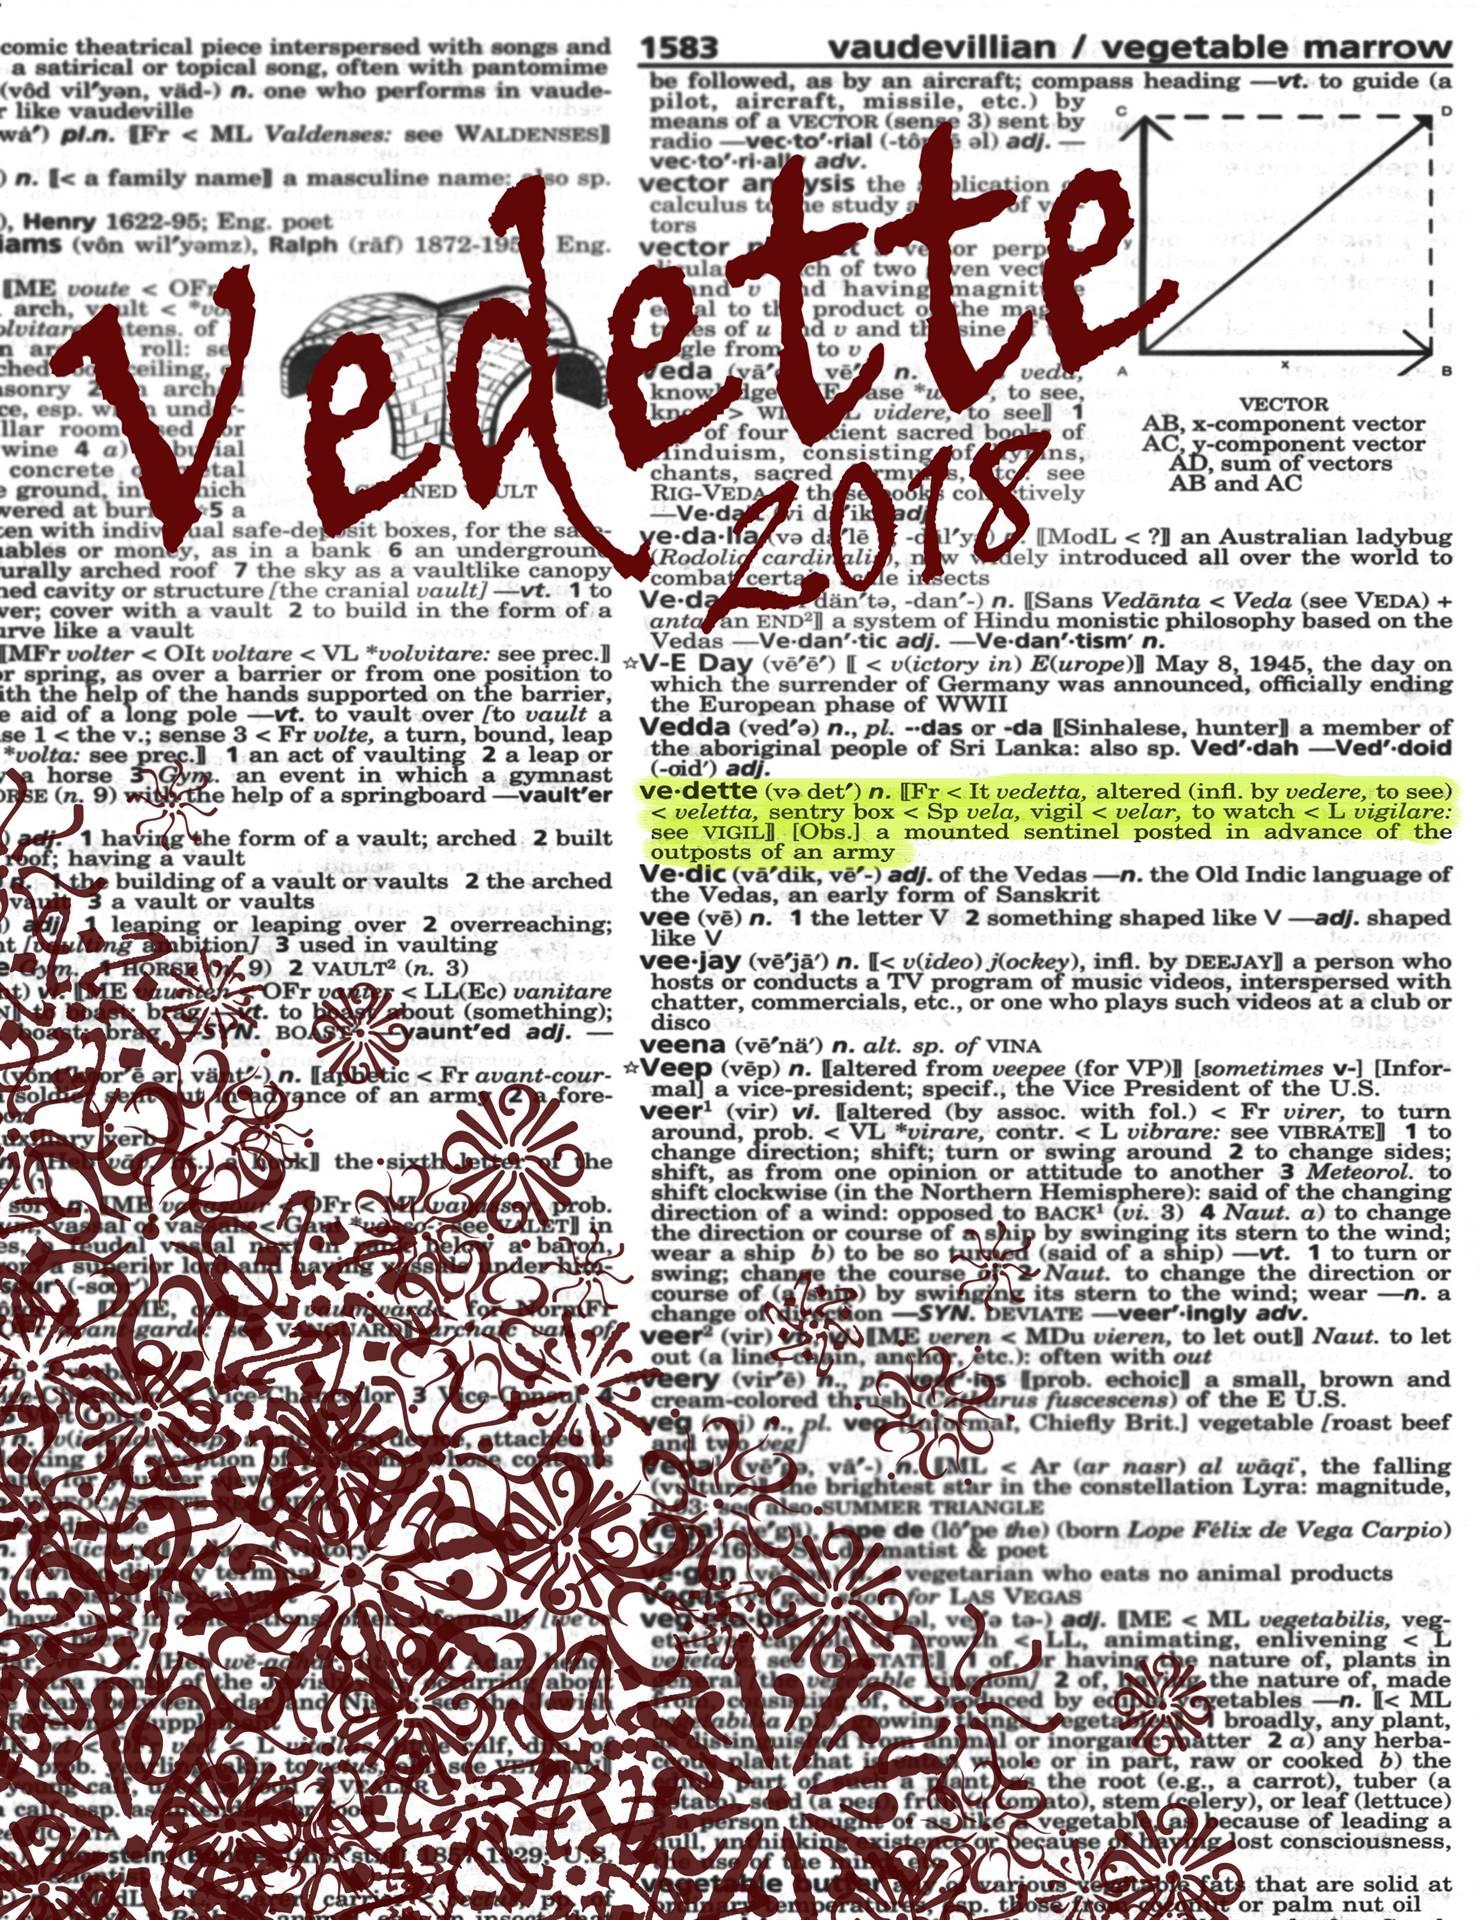 Vedette Cover 2017-2018